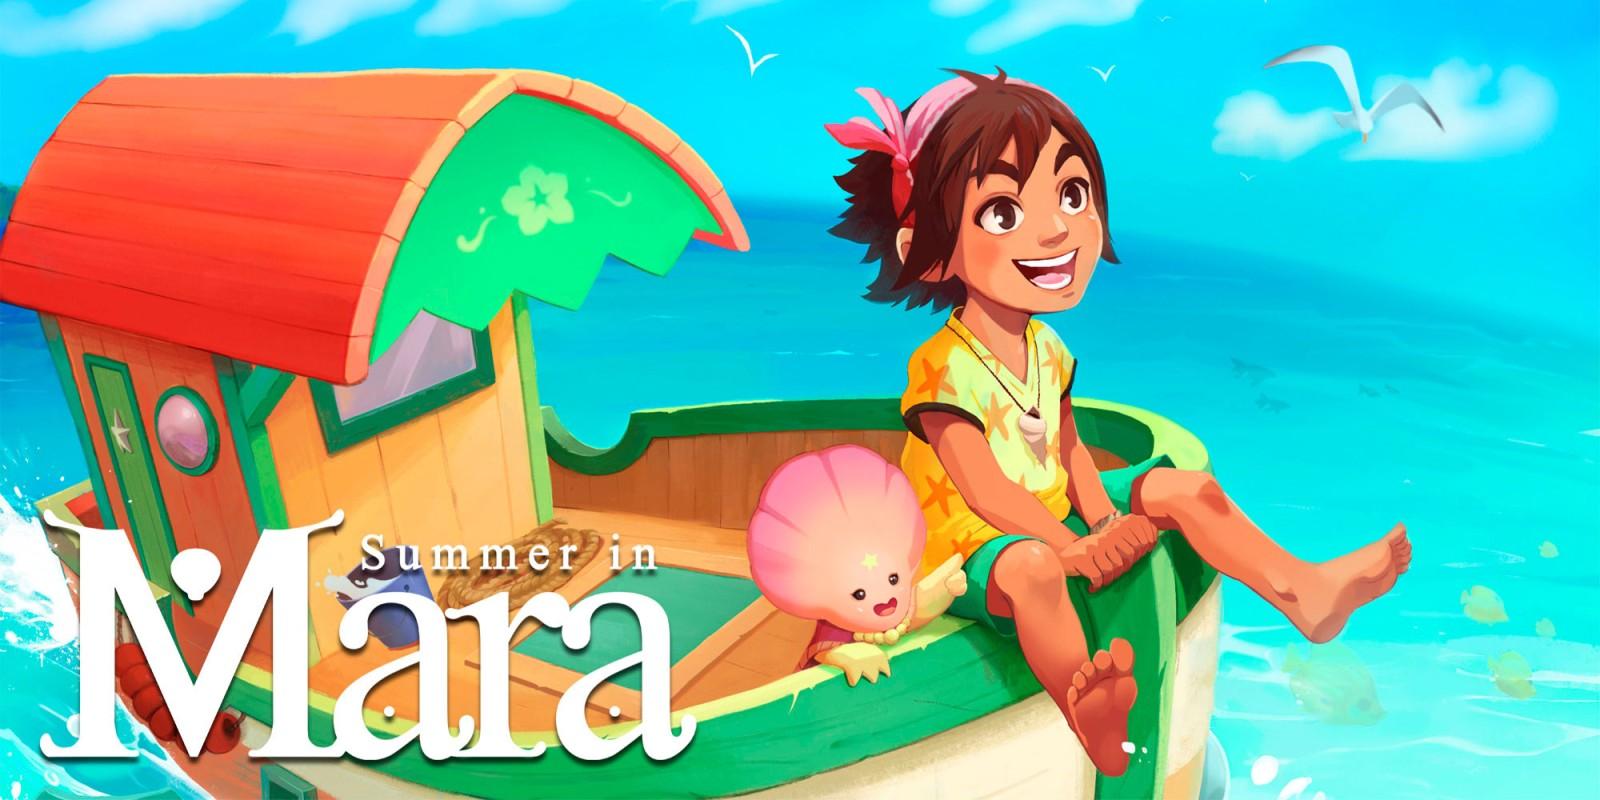 Summer in Mara выйдет на Switch 16 июня